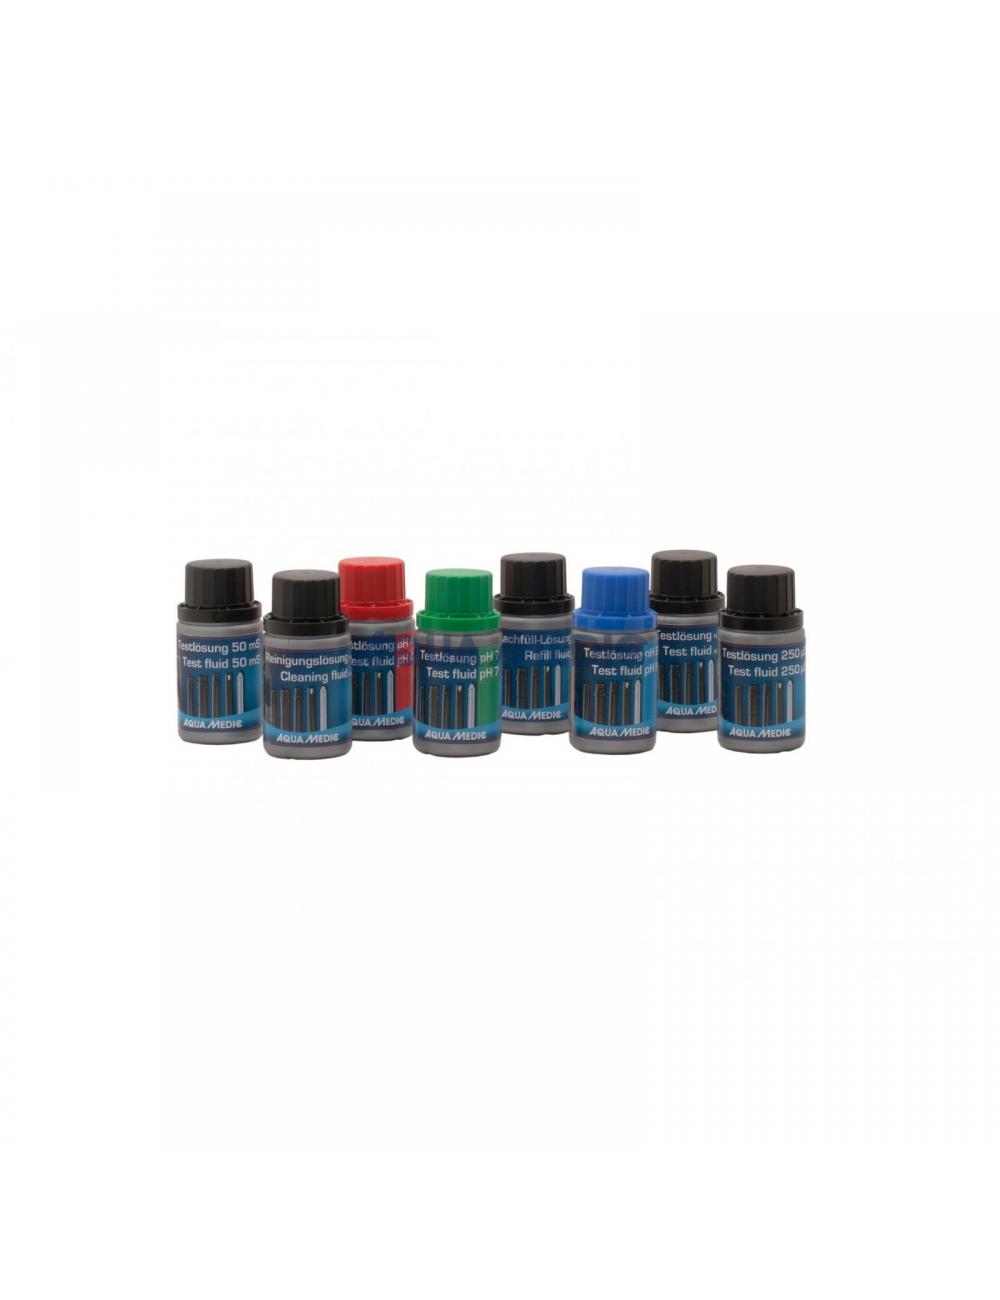 QUA-MEDIC - 250 μS Solution étalon - 60 ml